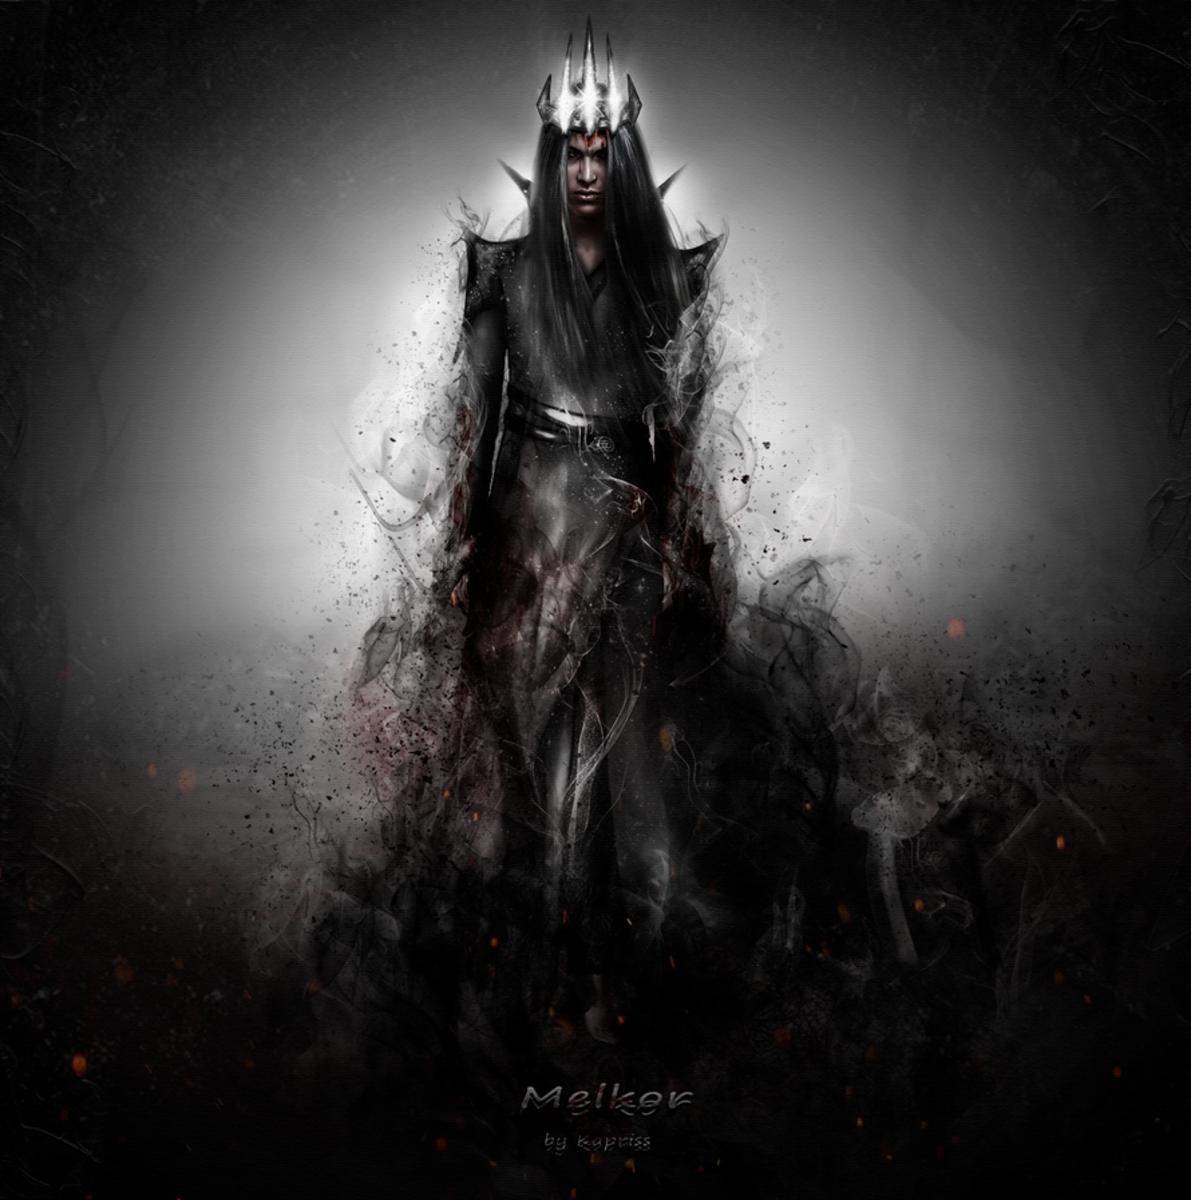 Melkor by Kaprriss